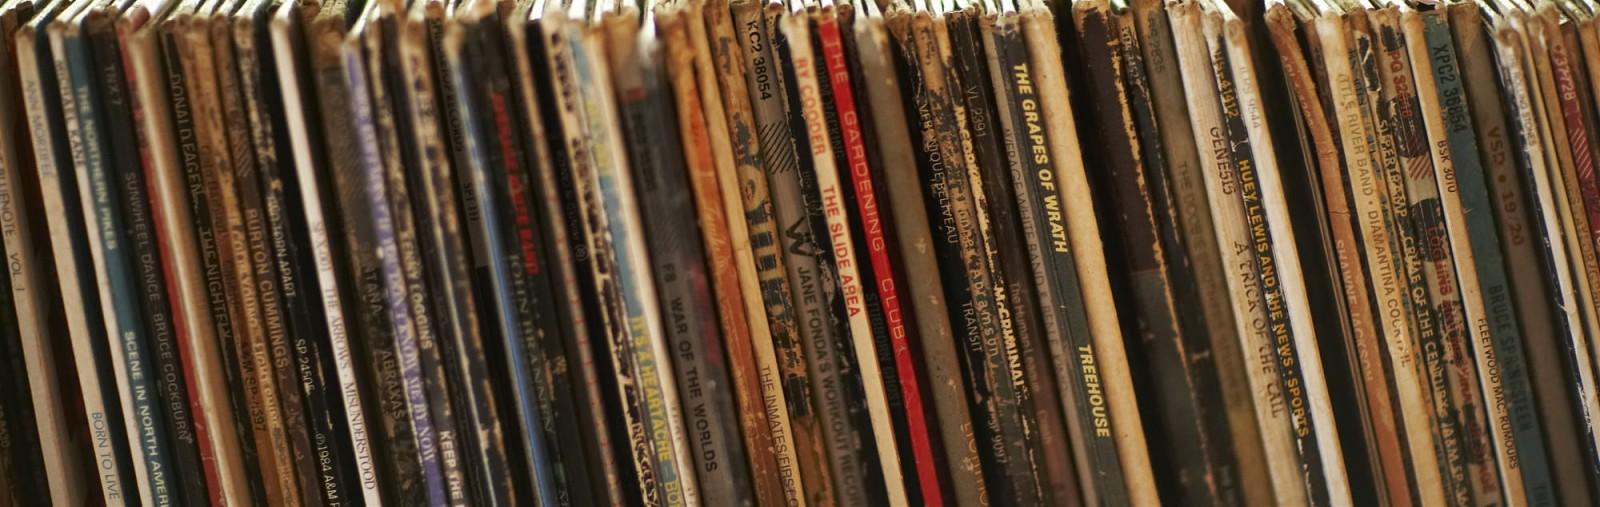 מפואר מה למדתי מתקופת חיים בחנויות תקליטים? CH-21